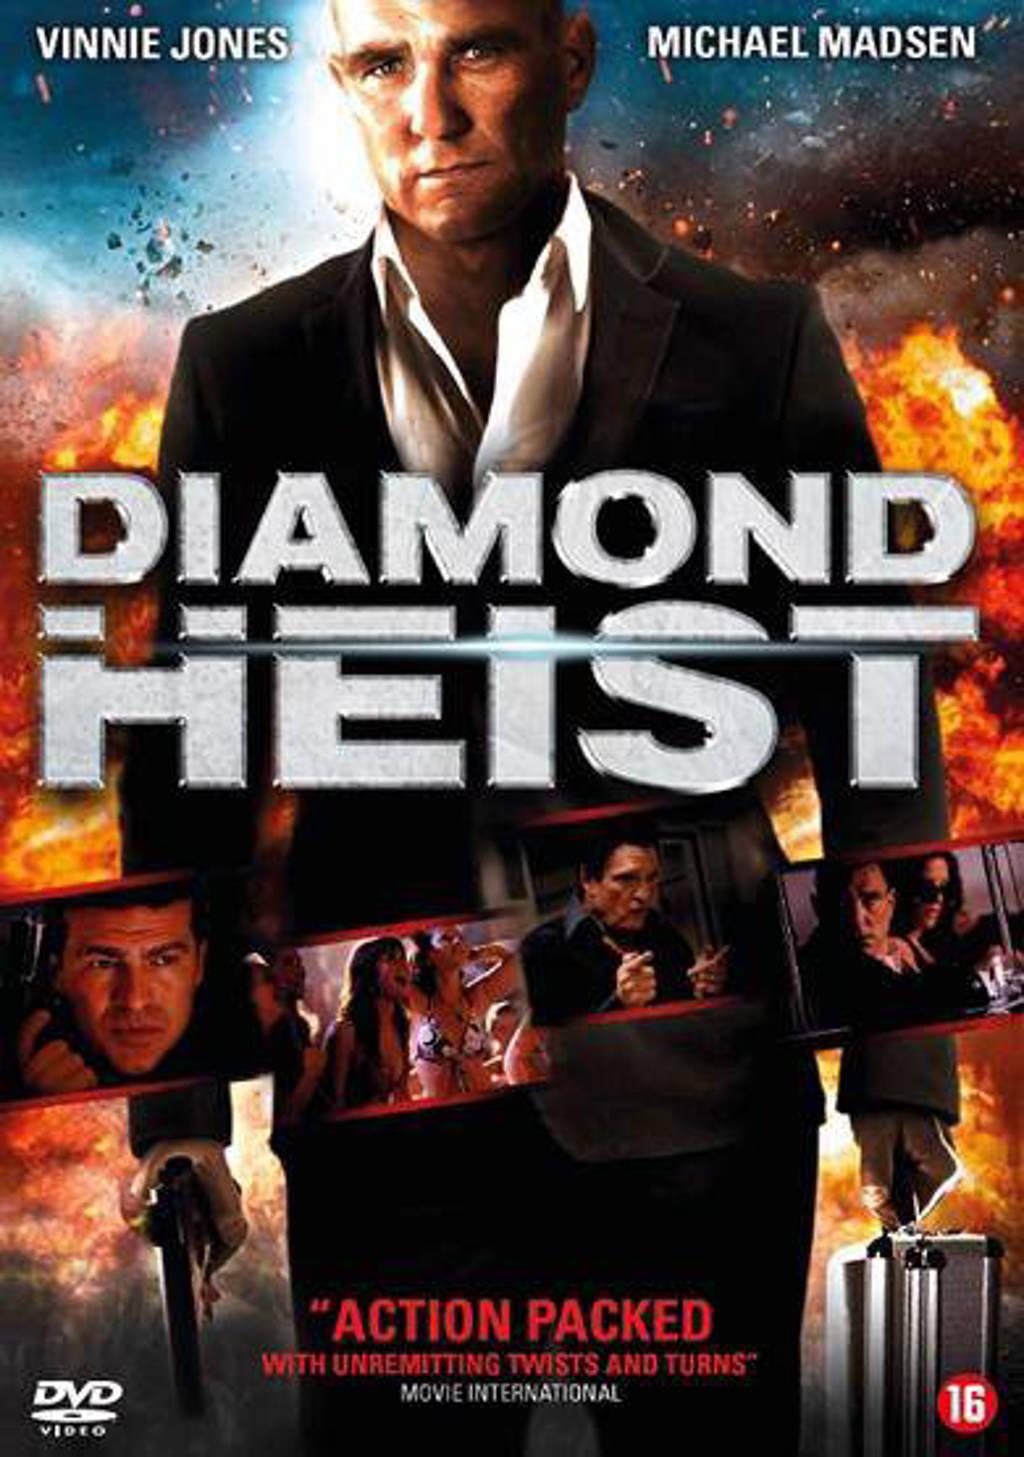 Diamond heist (DVD)